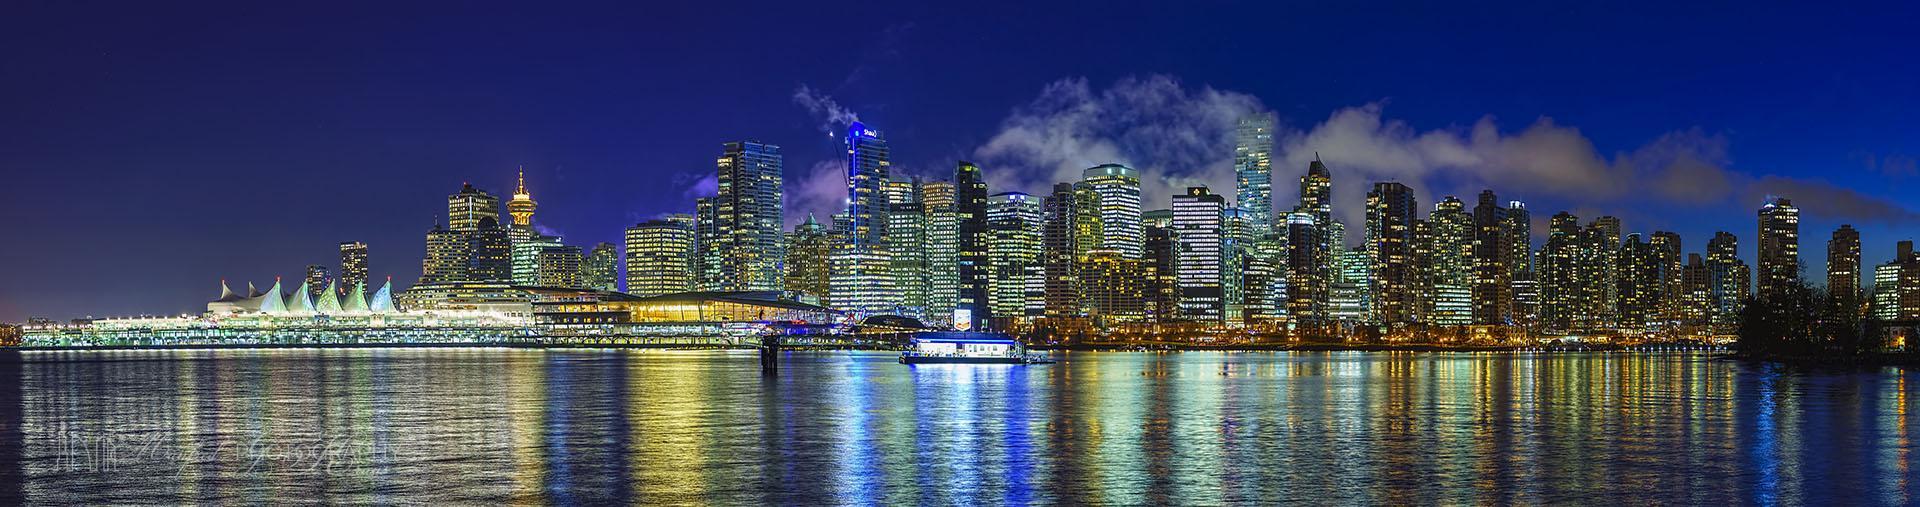 Vancouver Night Skyline VN232A1